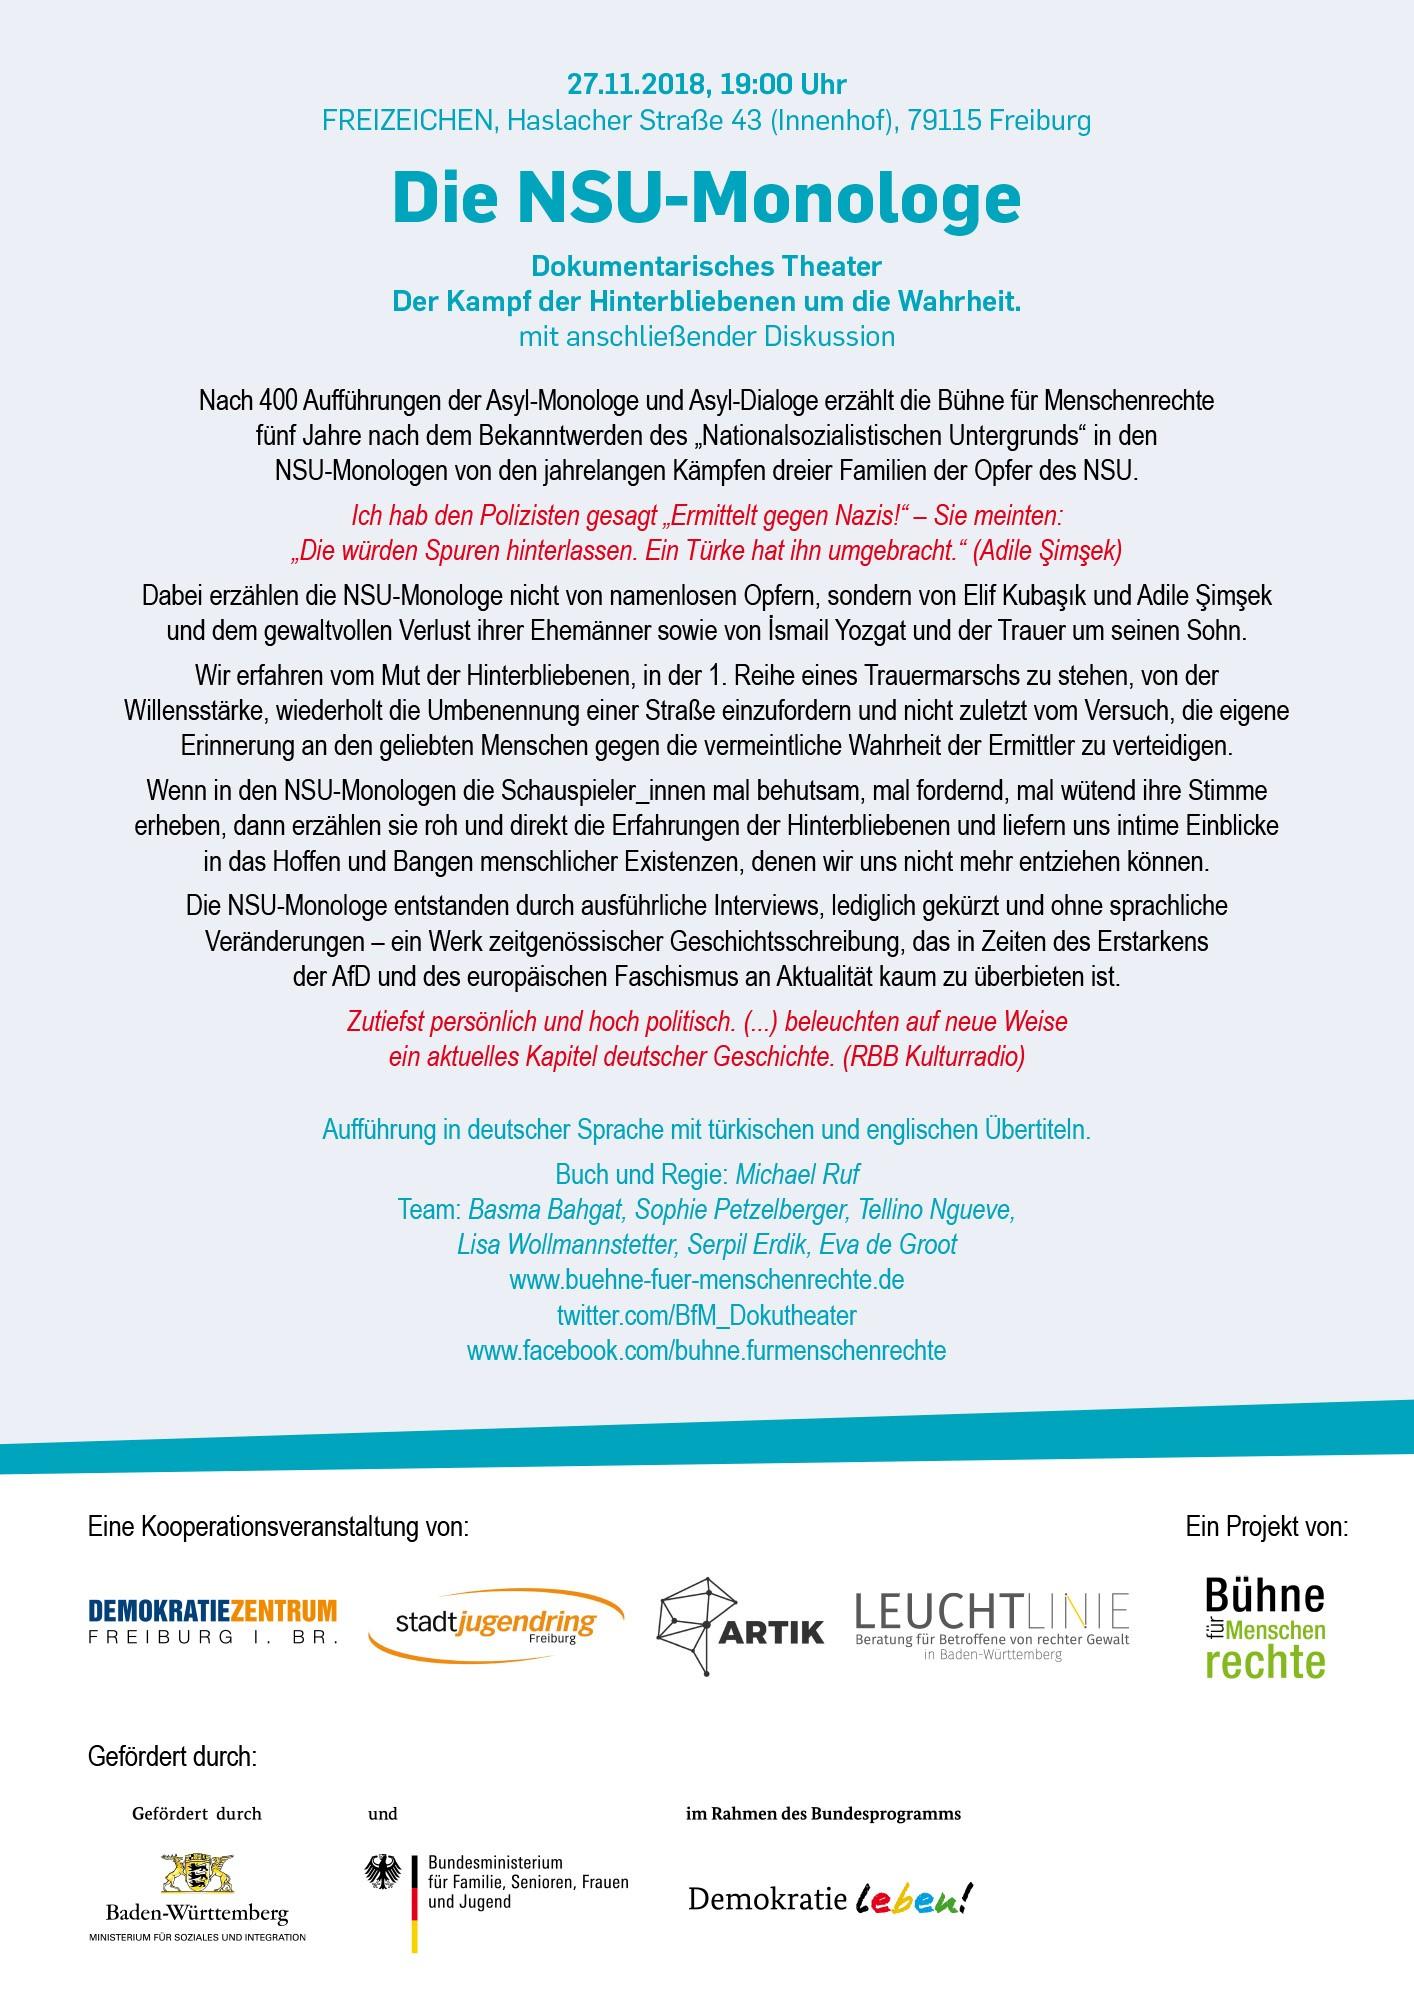 Die NSU Monologe – Dokumentarisches Theater der Bühne für Menschenrechte || 27.11.18